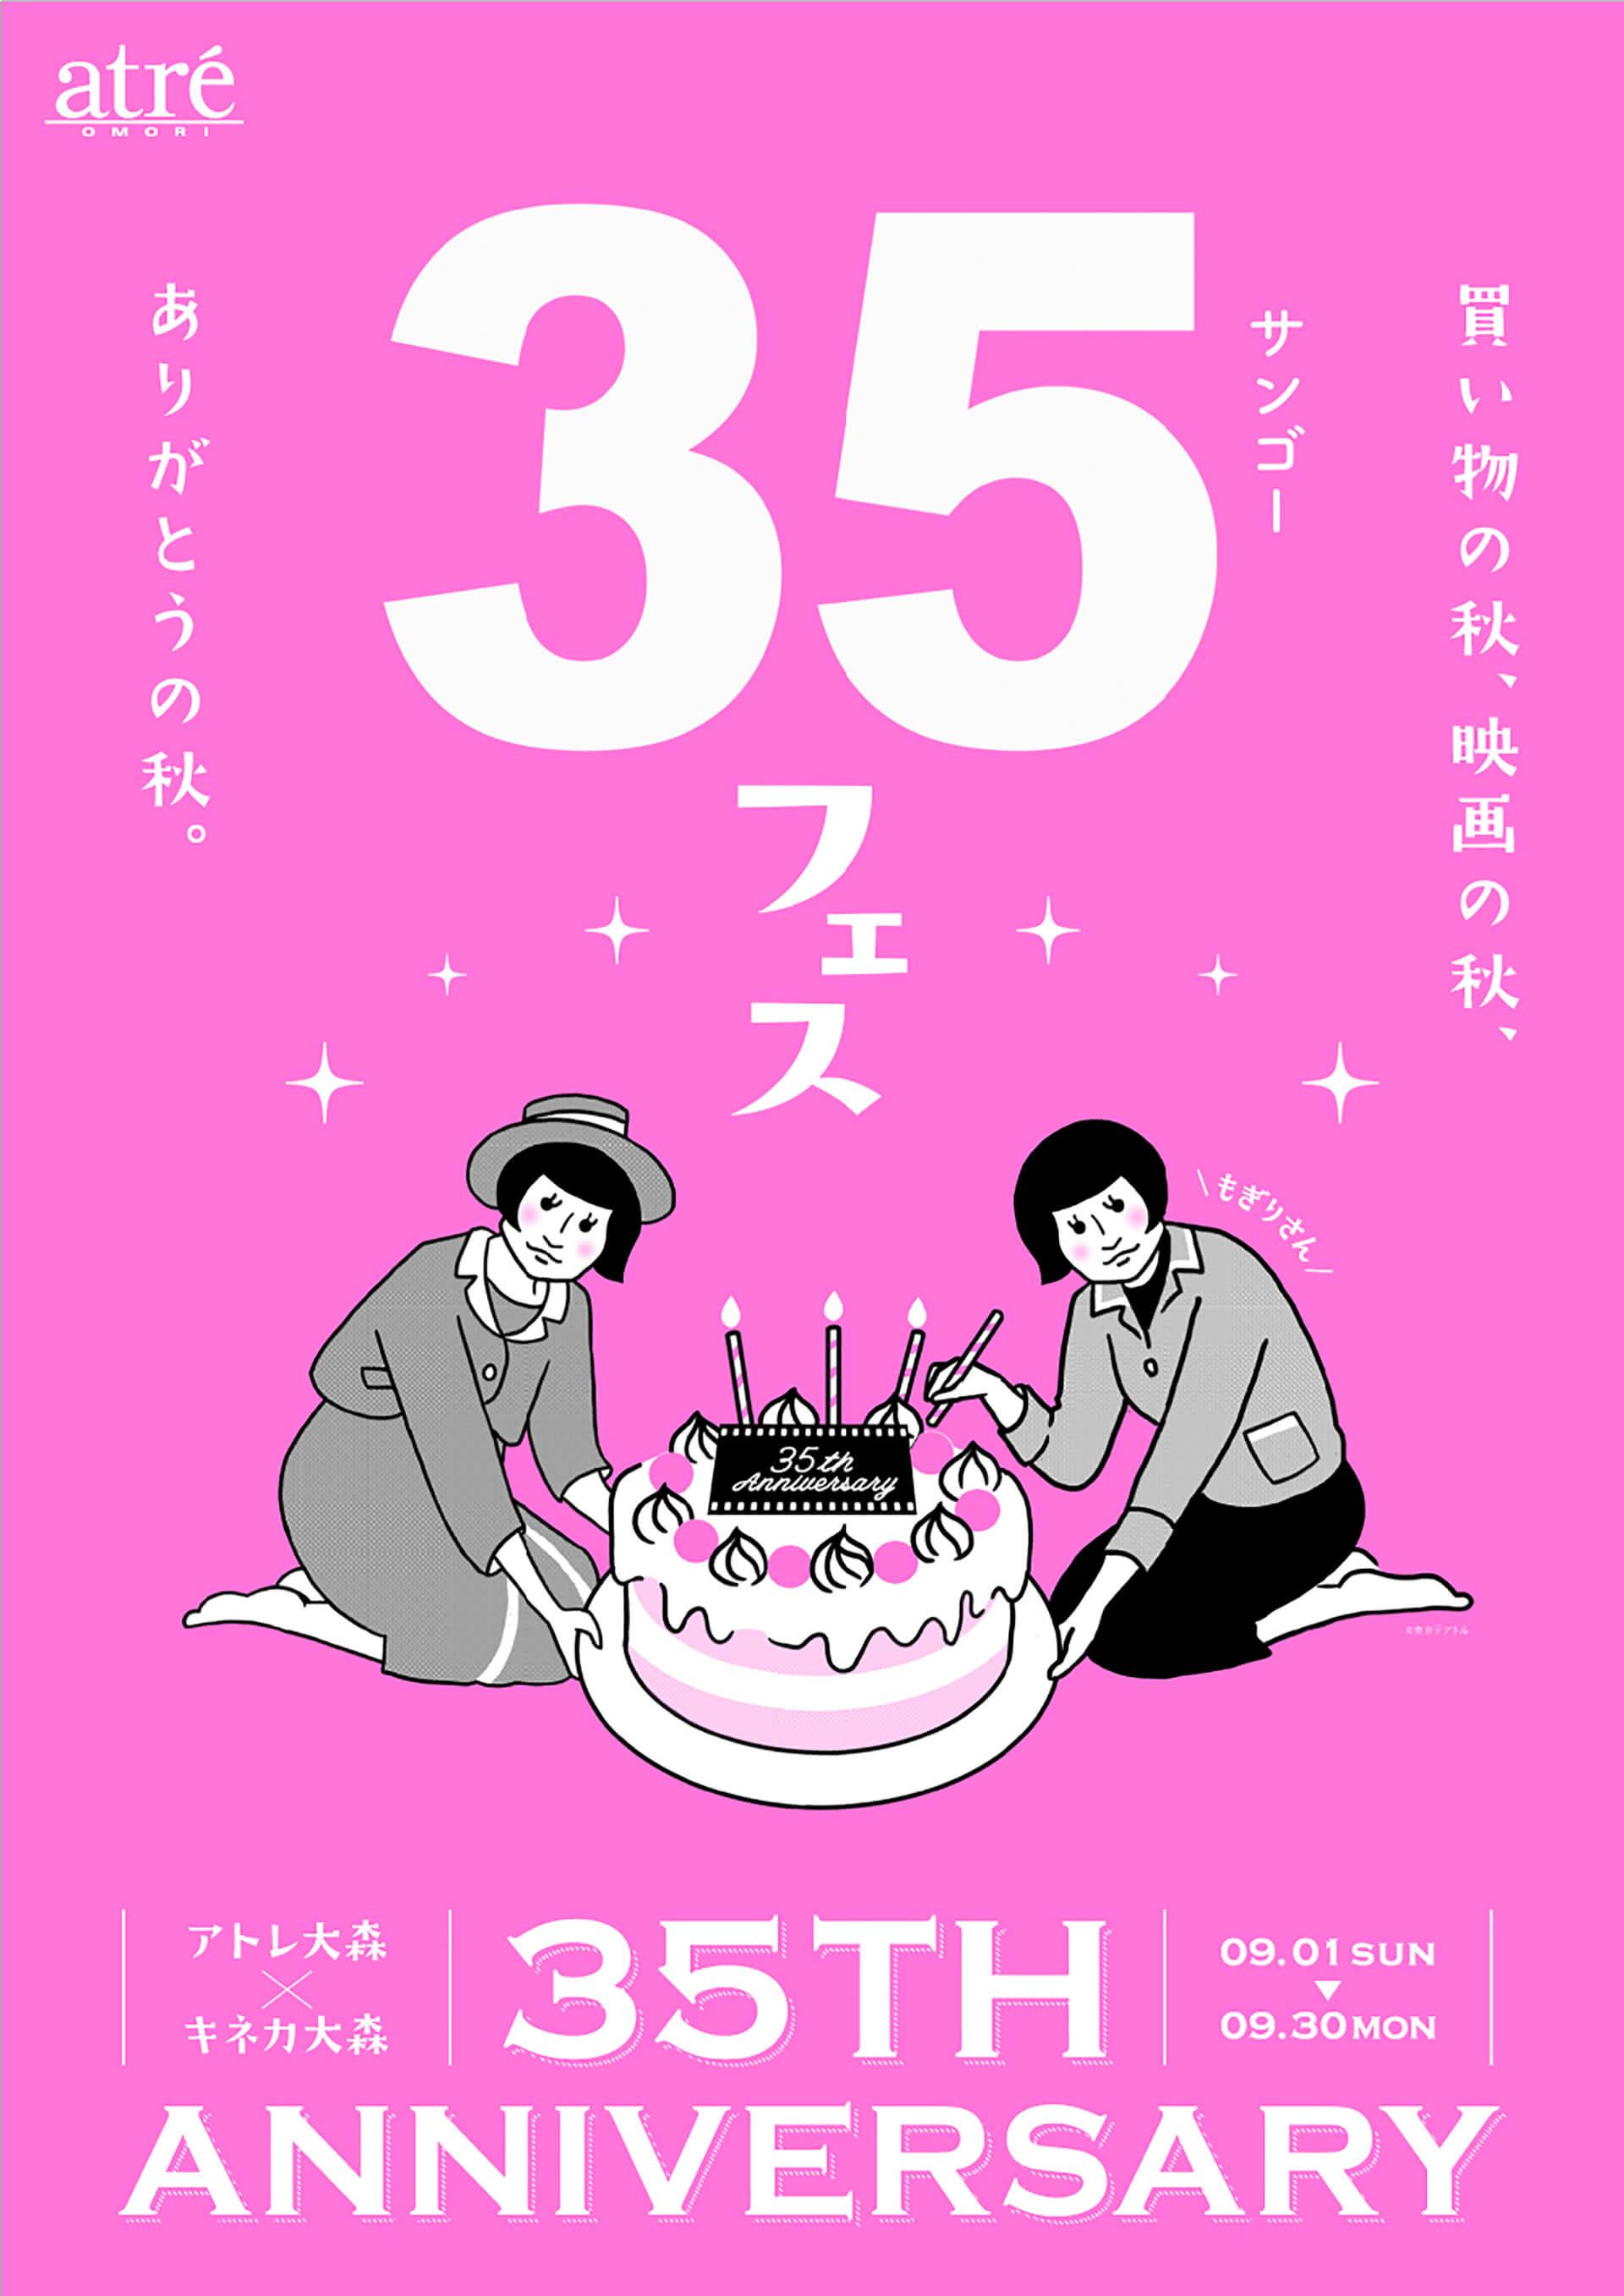 アトレ大森×キネカ大森 35周年フェスメインビジュアル